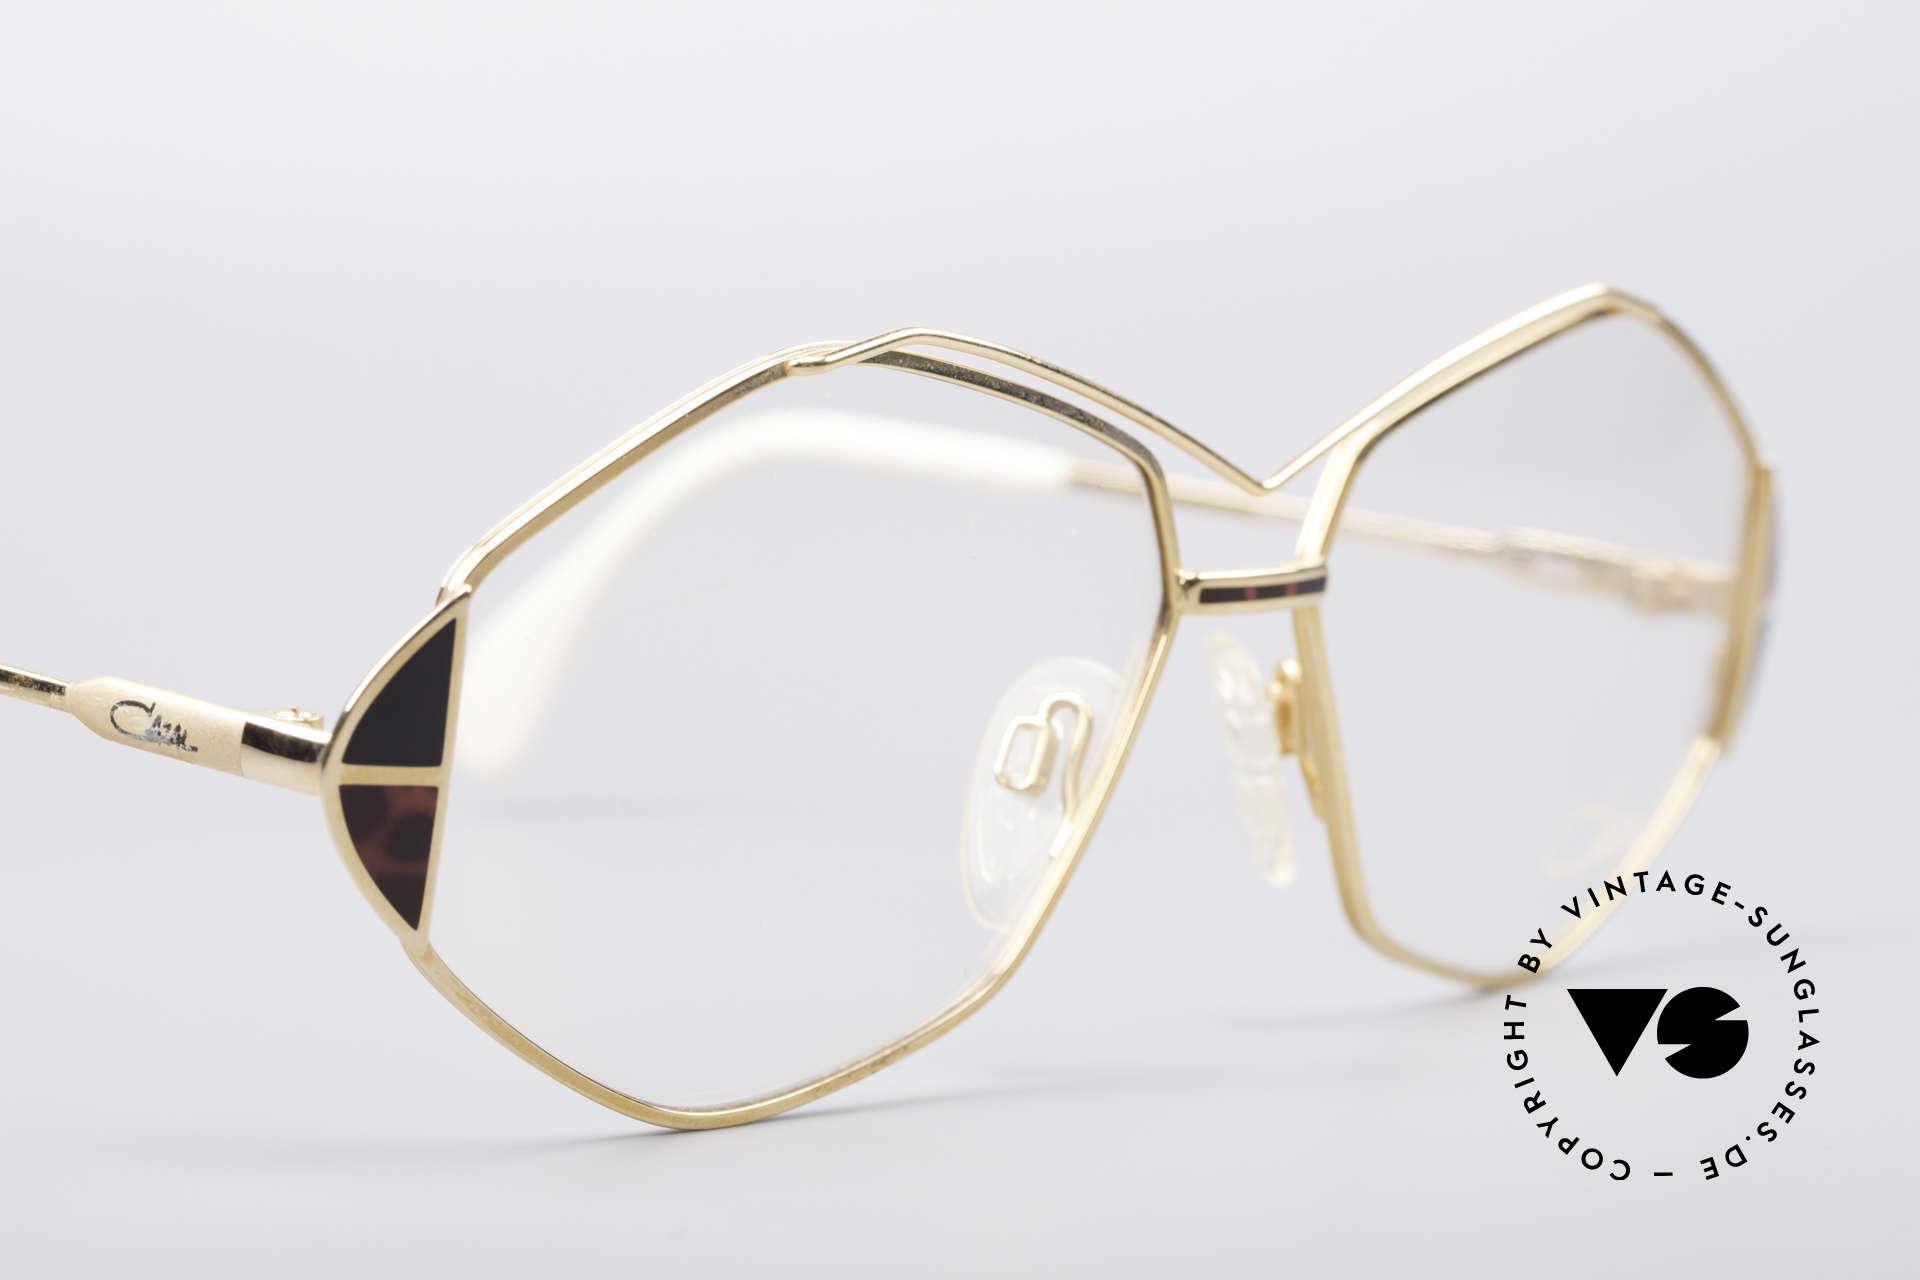 Cazal 233 True Vintage No Retro Specs, NO RETRO fashion, but a rare old 80's ORIGINAL, Made for Women